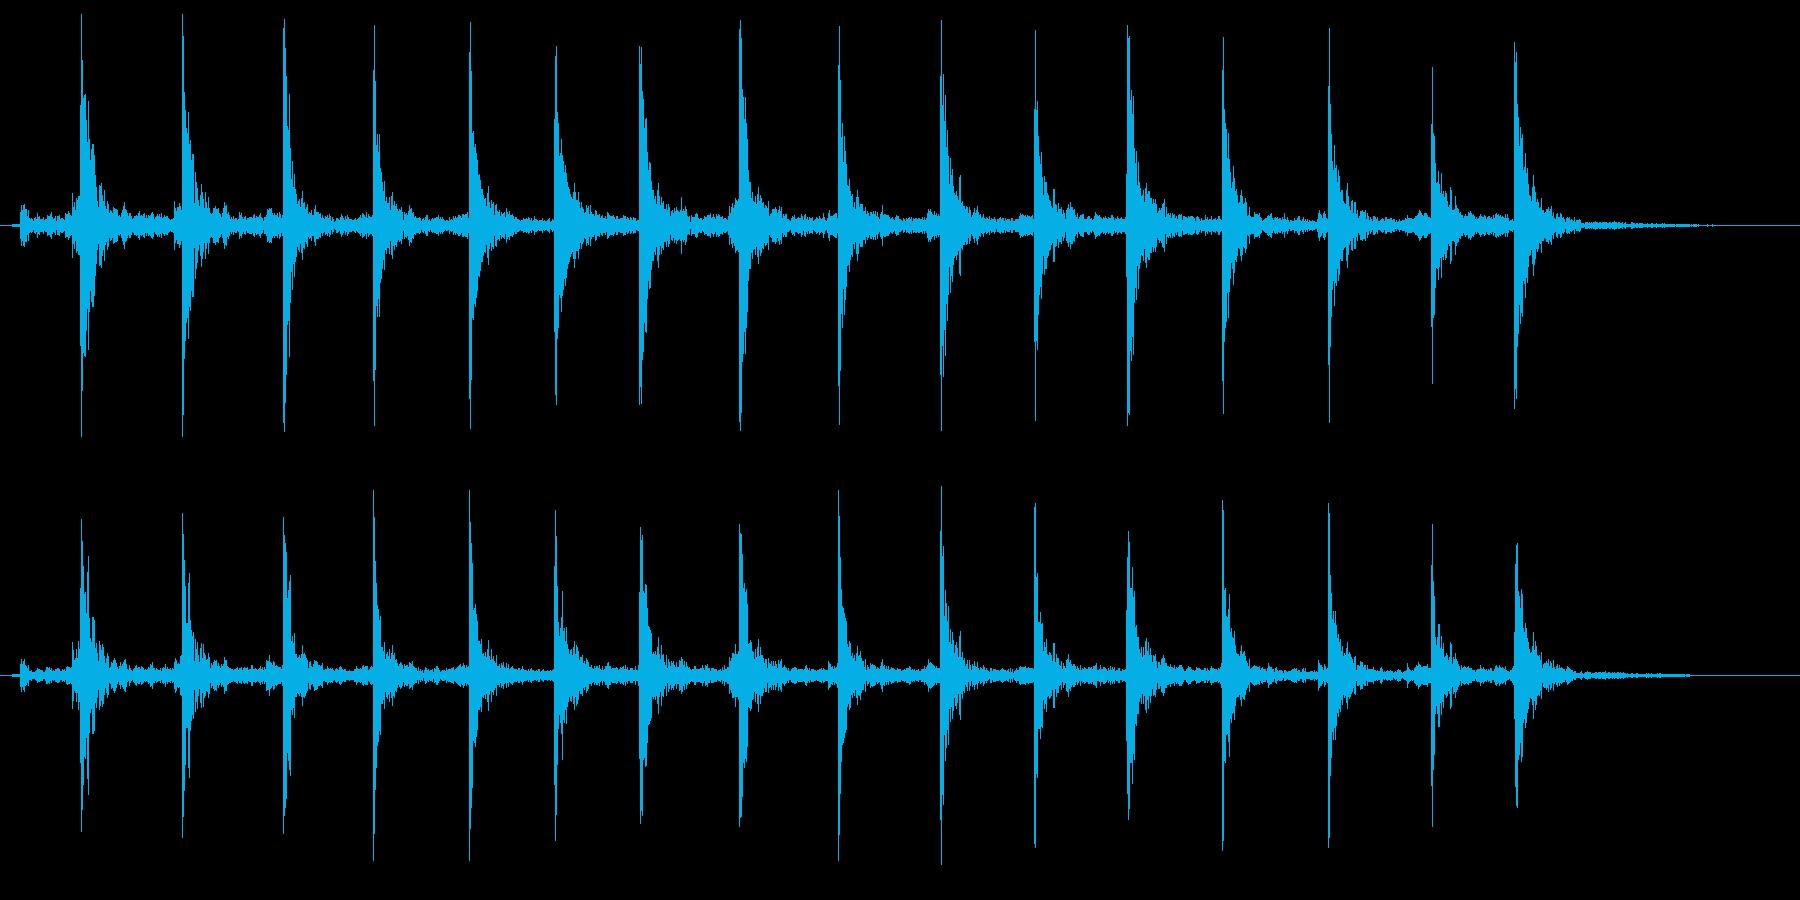 トントントントン(まな板の上で千切りの音の再生済みの波形